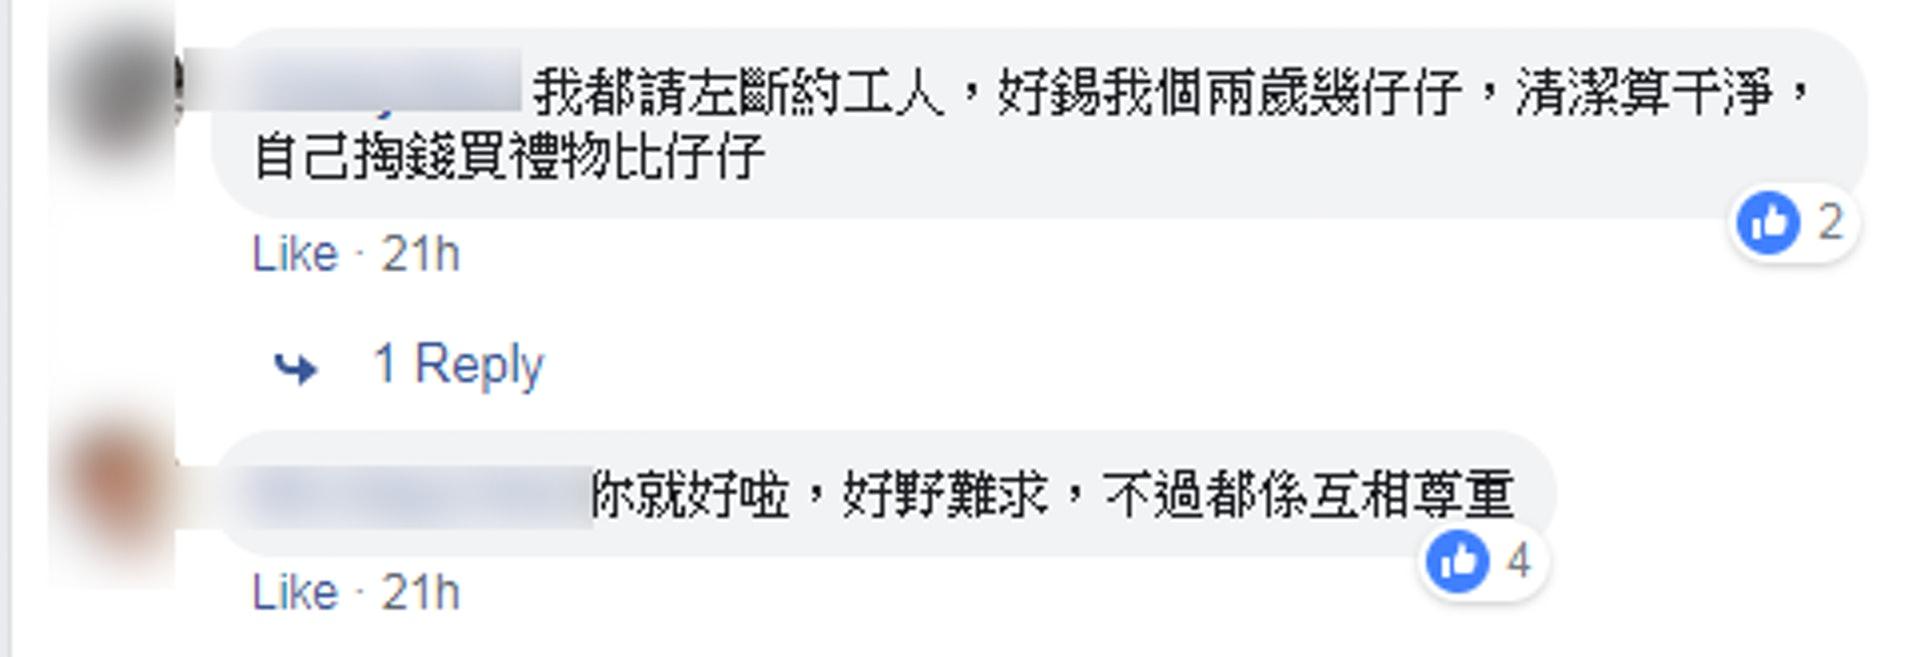 不少網民看完帖文大呼羨慕,認同樓主「比中六合彩還要好」、「有個好姐姐真係可以好放心」。(fb「外傭僱主必看新聞訊息」截圖)